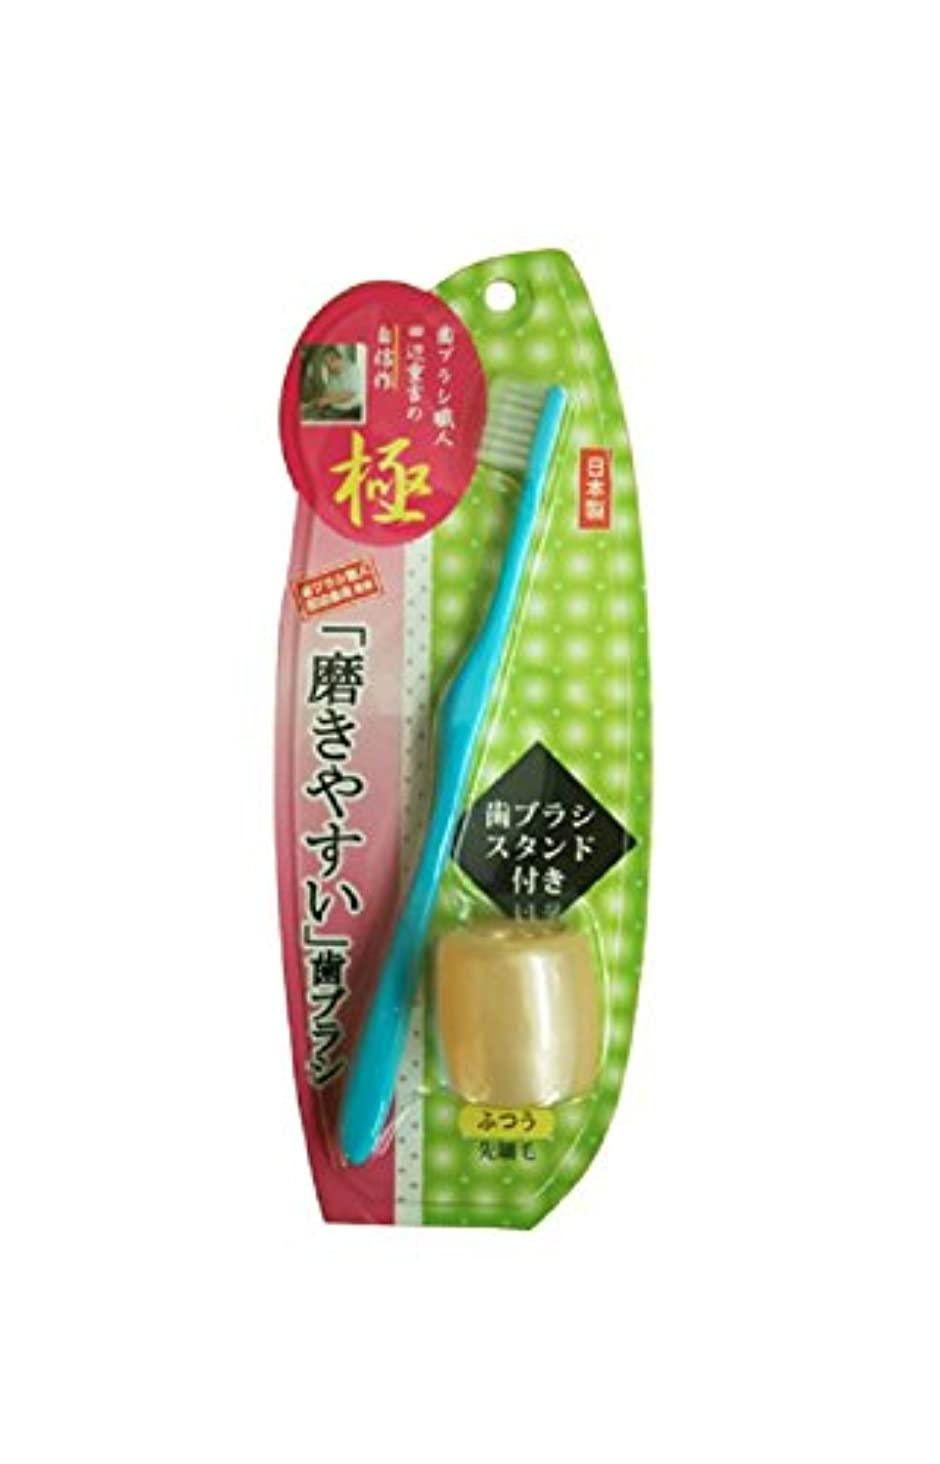 ホース水平発生器磨きやすい歯ブラシ極 先細毛 歯ブラシスタンド付 LT-23 ブルー